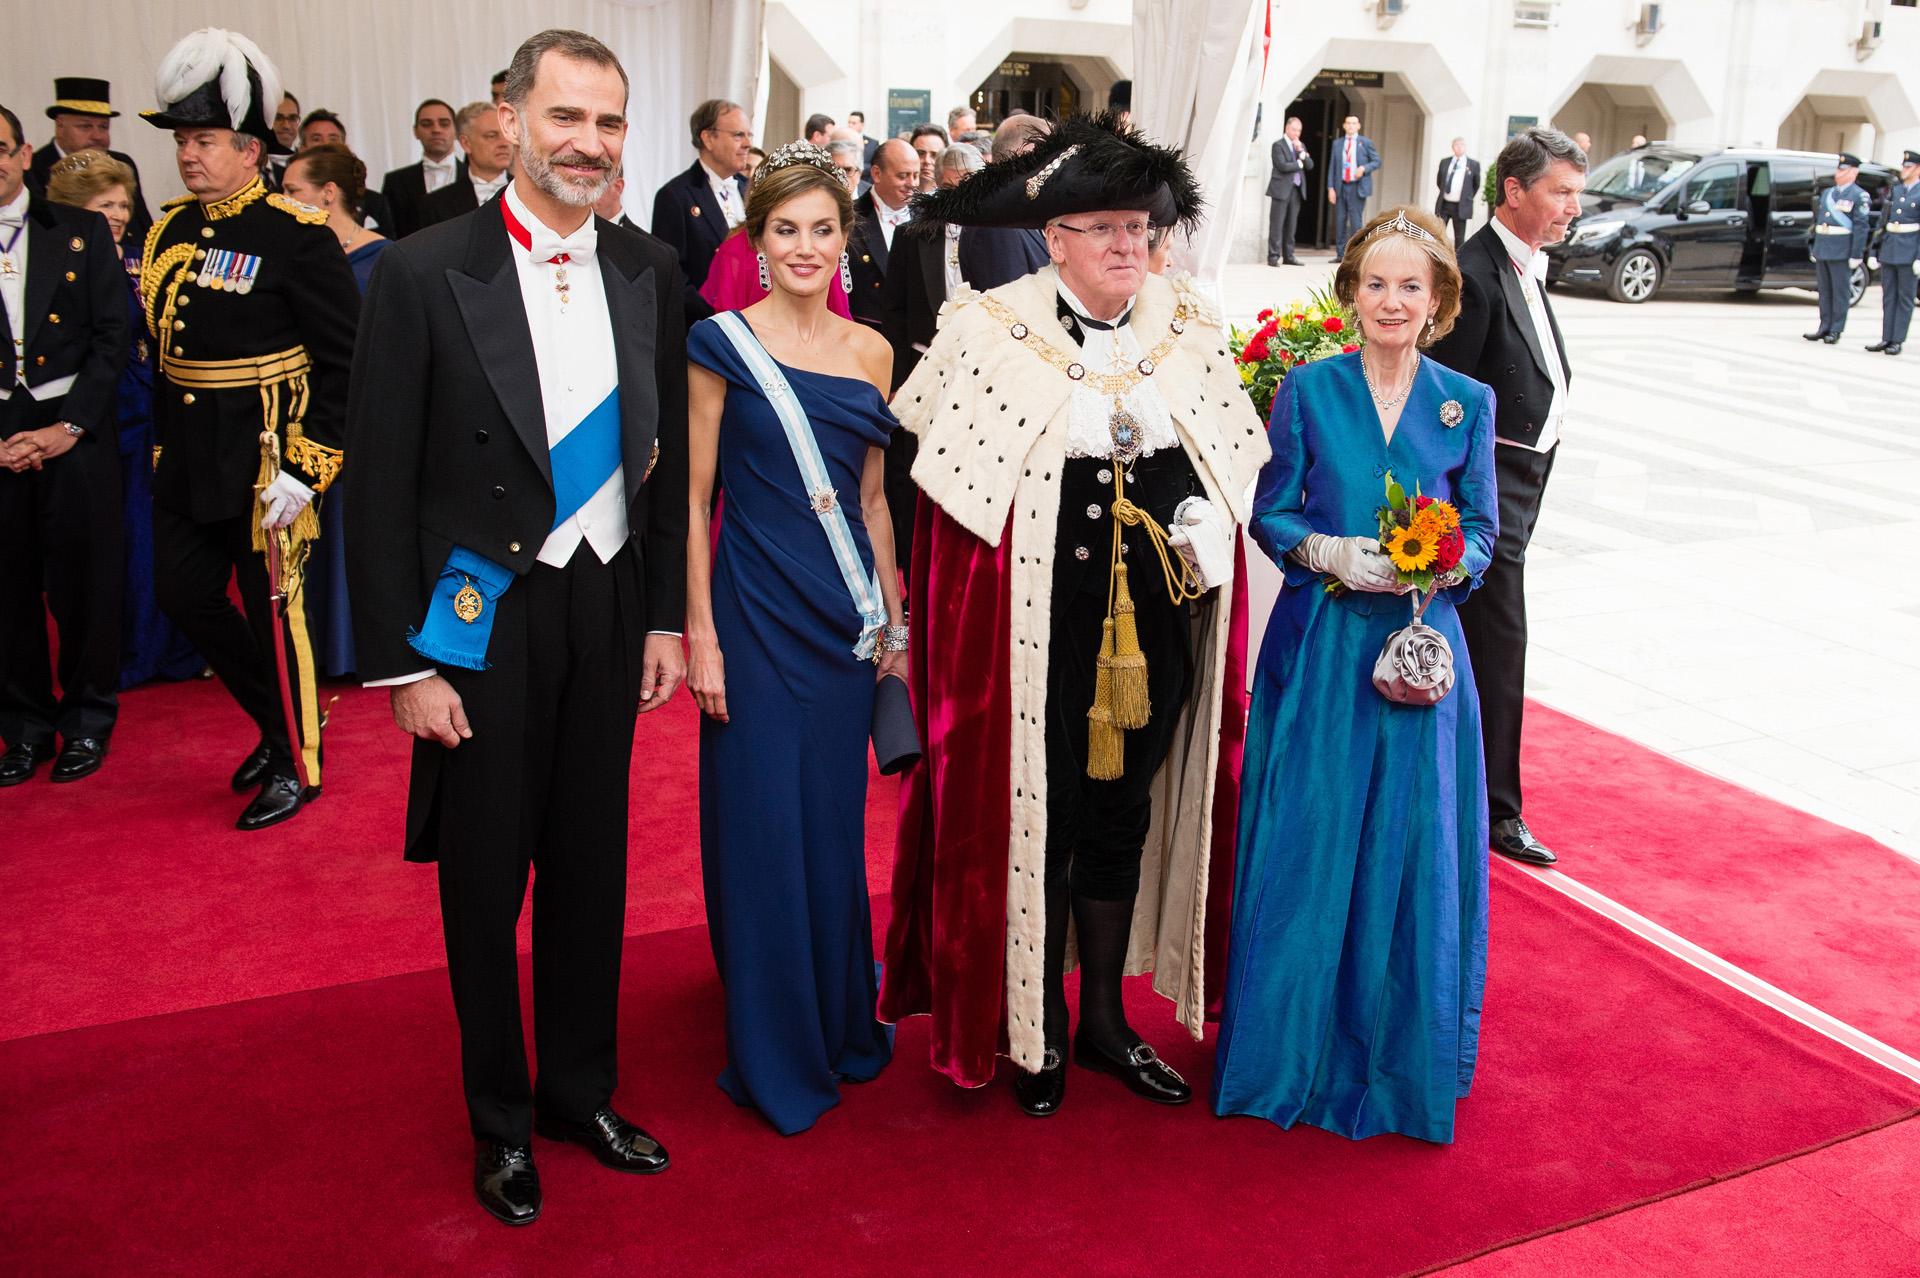 El último look que Letizia escogiódurante este viaje de Estado fue el más comentado. Para asistir a la cena de gala organizada por el alcalde de Londres y su mujer, la reina española se inclinó delicado vestido azul añil de seda con escote asimétrico (Photo by Jeff Spicer/Getty Images)